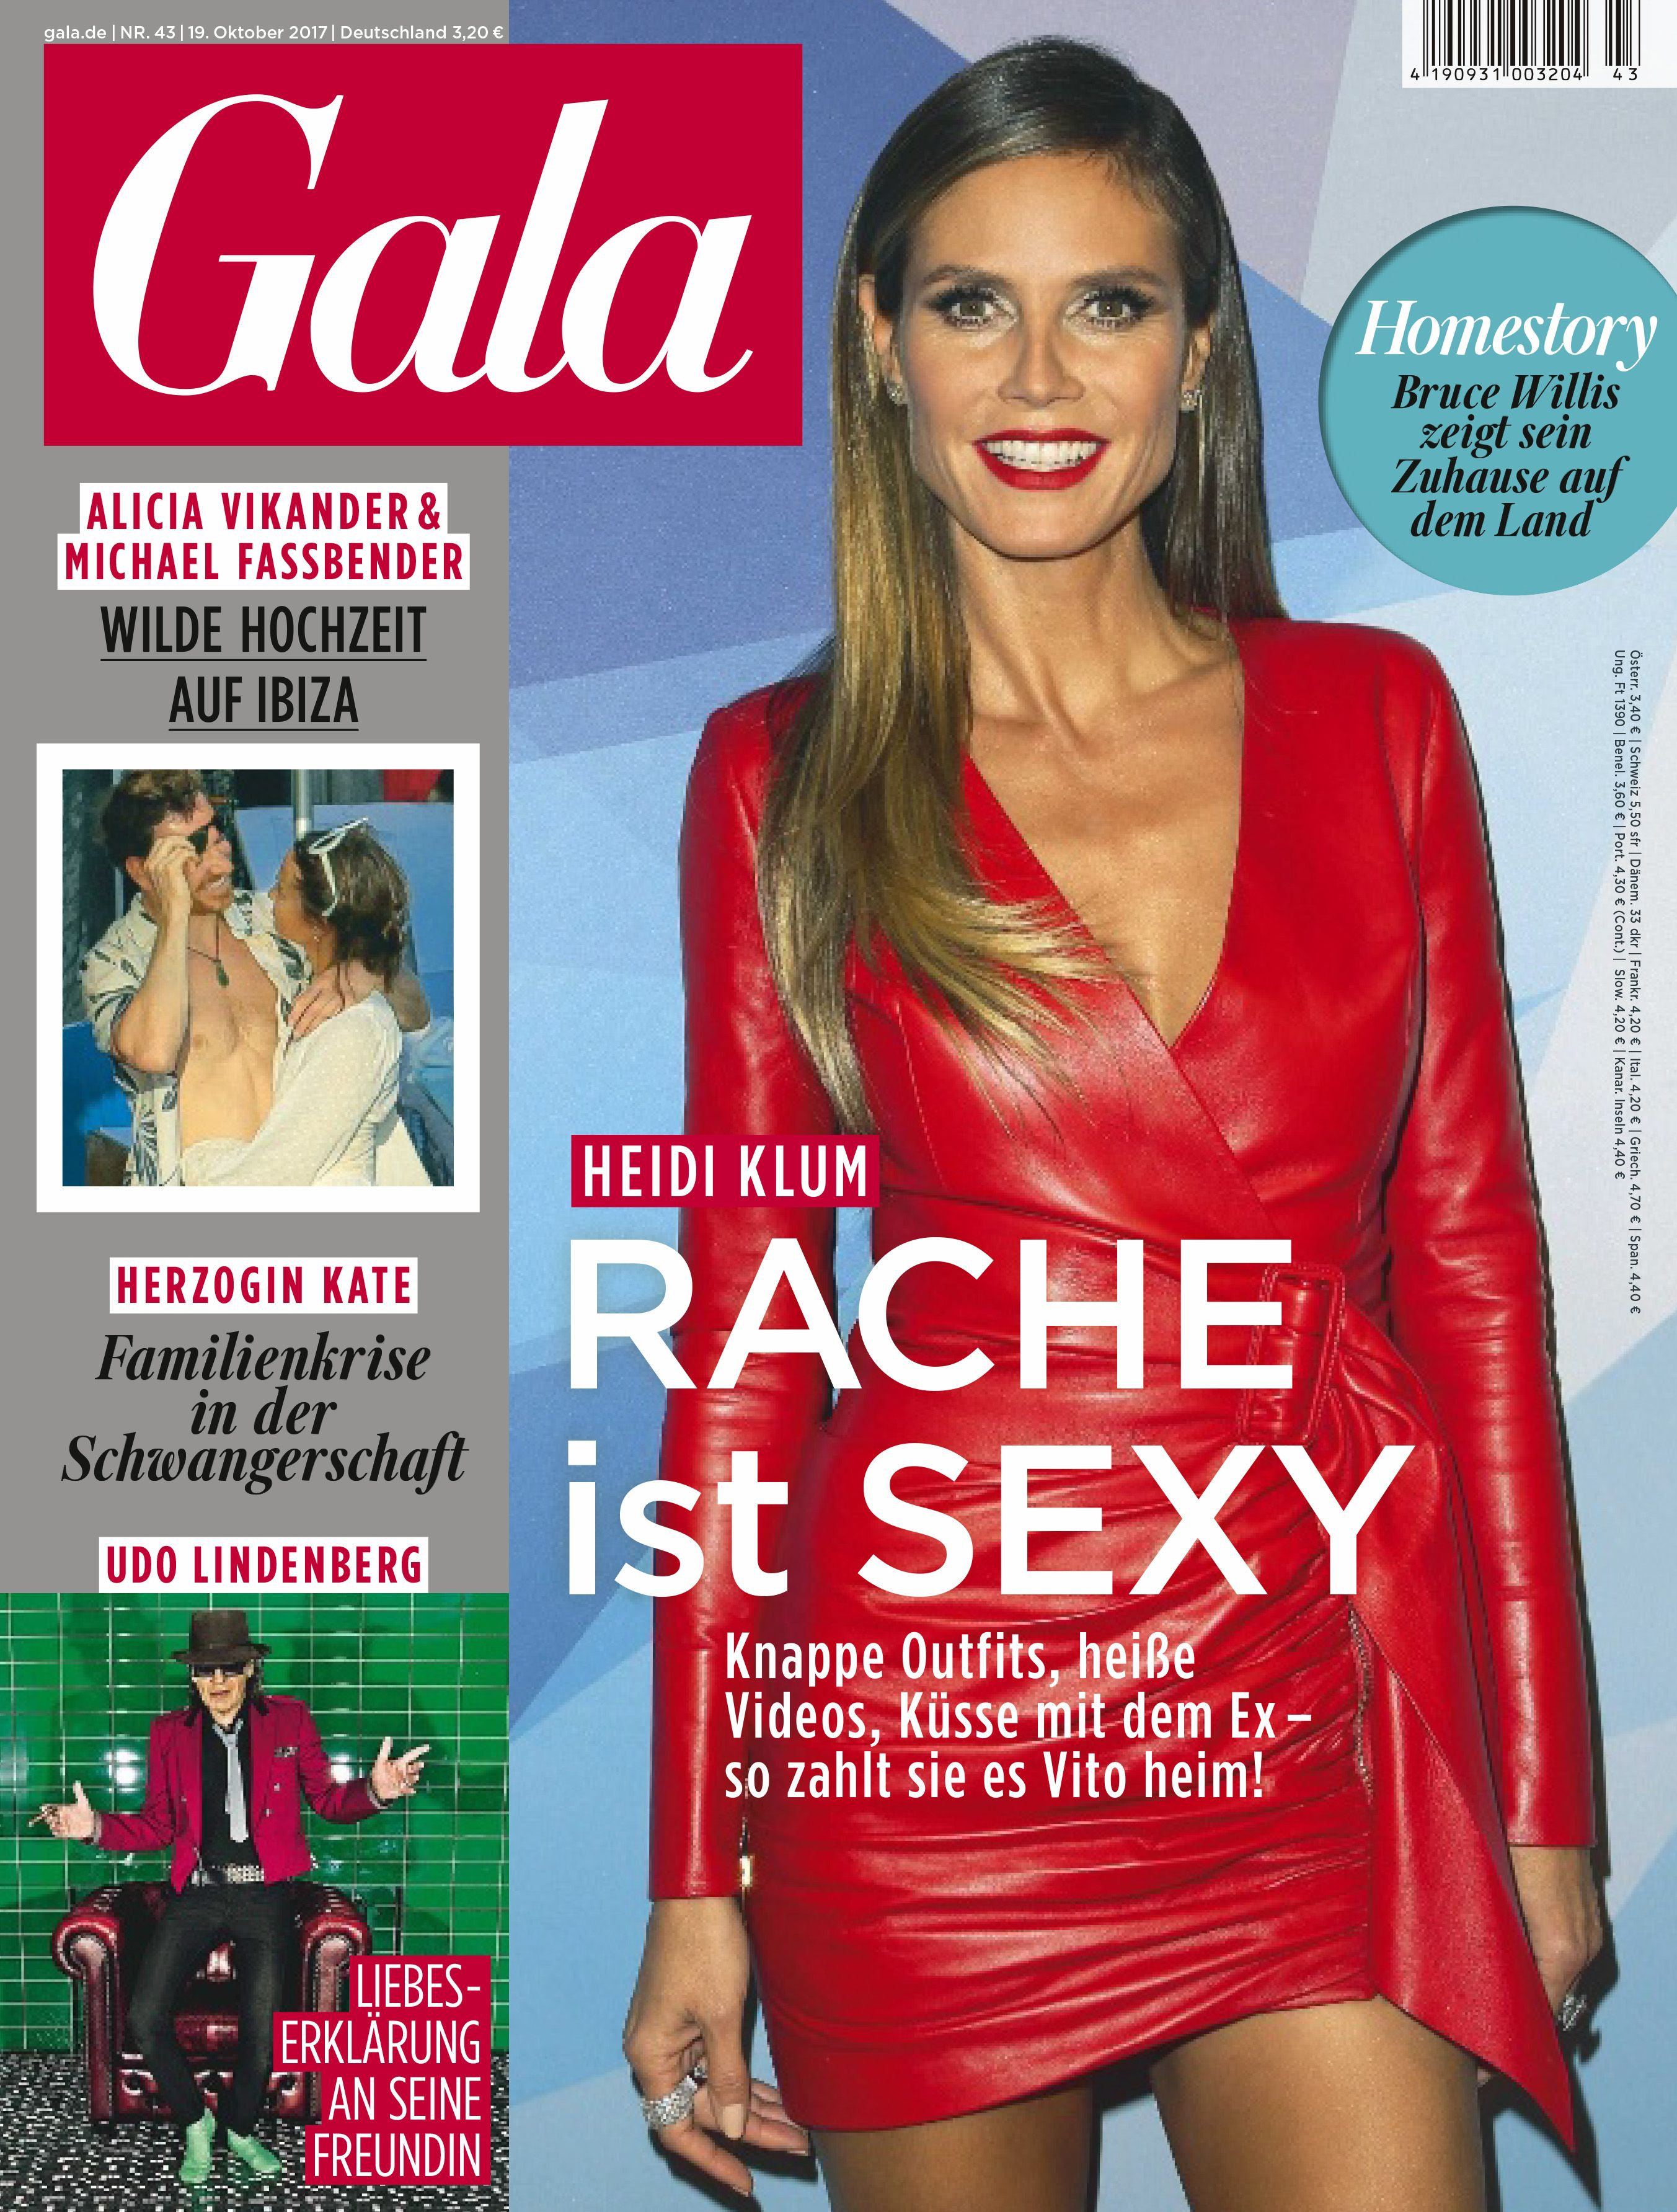 Fashion-Looks: Der Style von Heidi Klum   Heidi klum